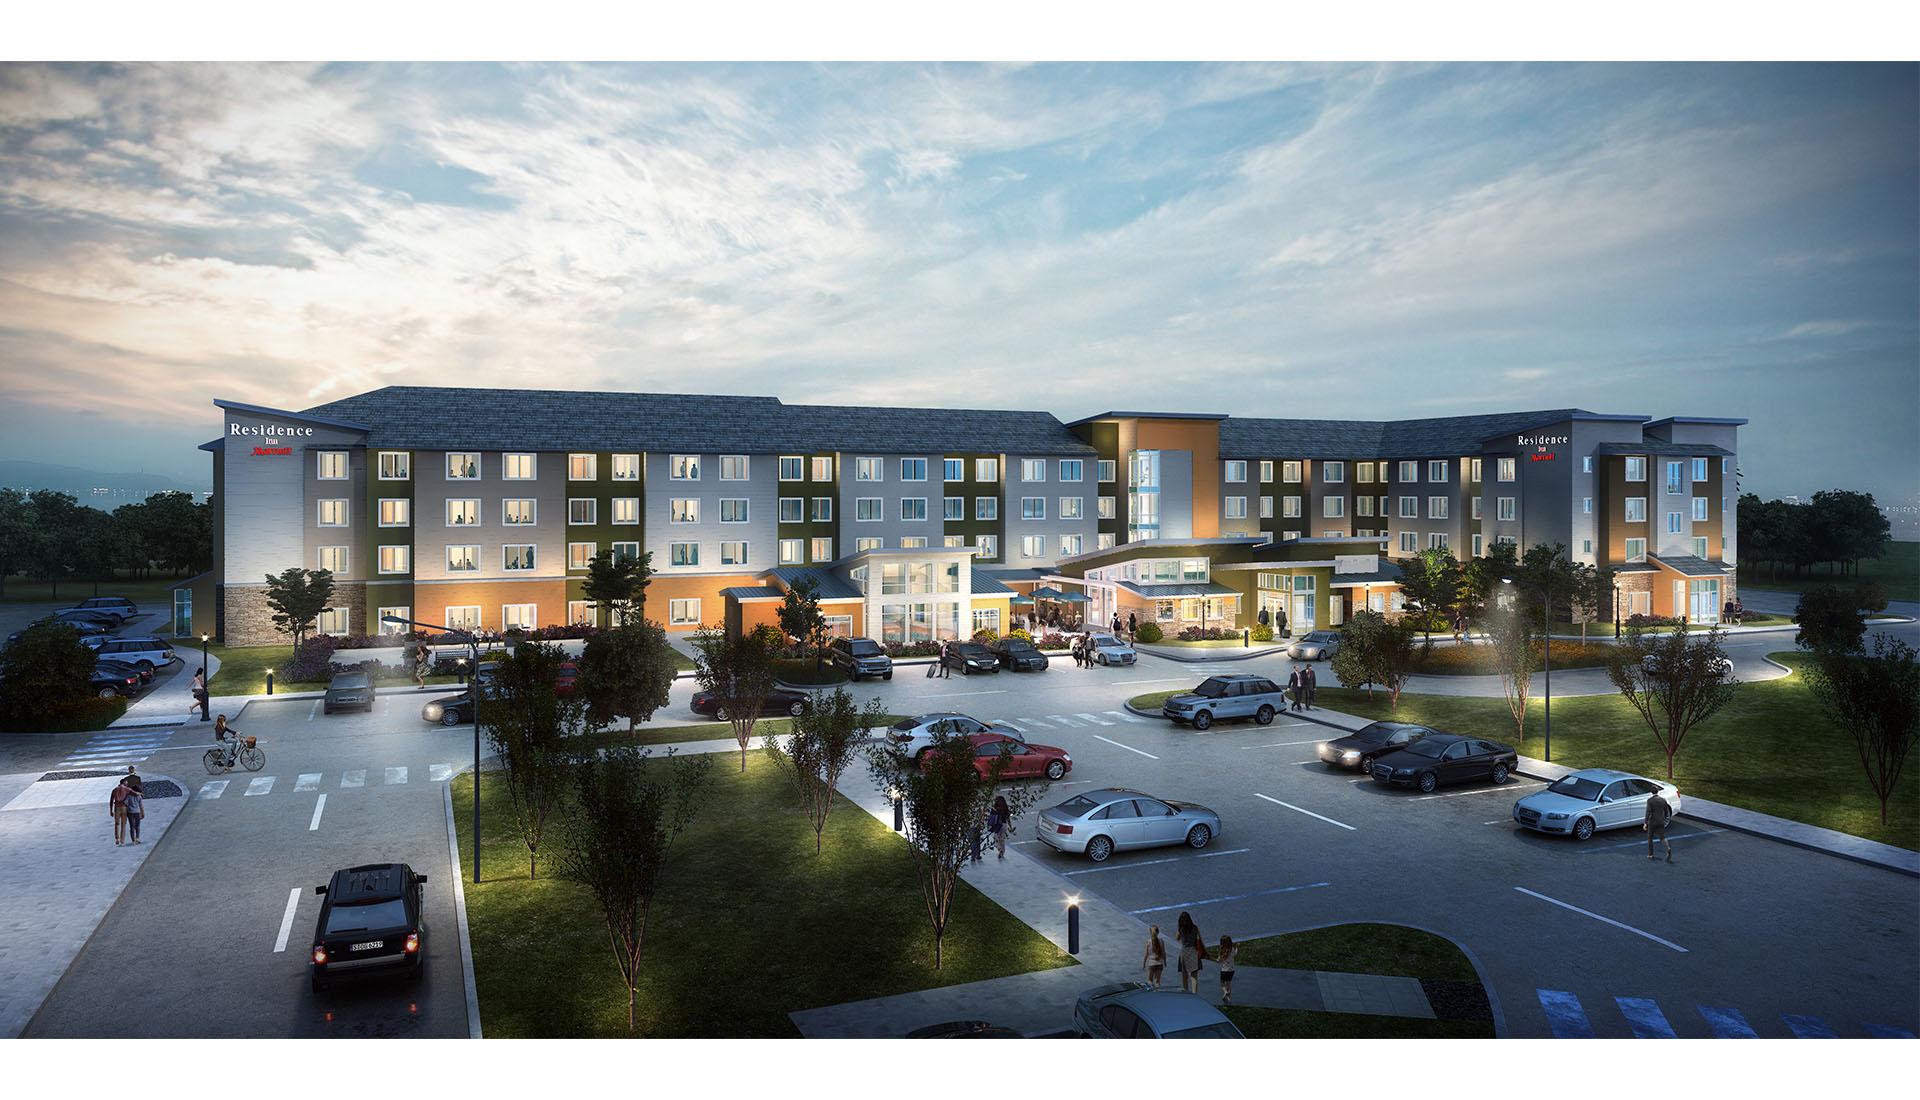 Residence Inn- 3D Rendering